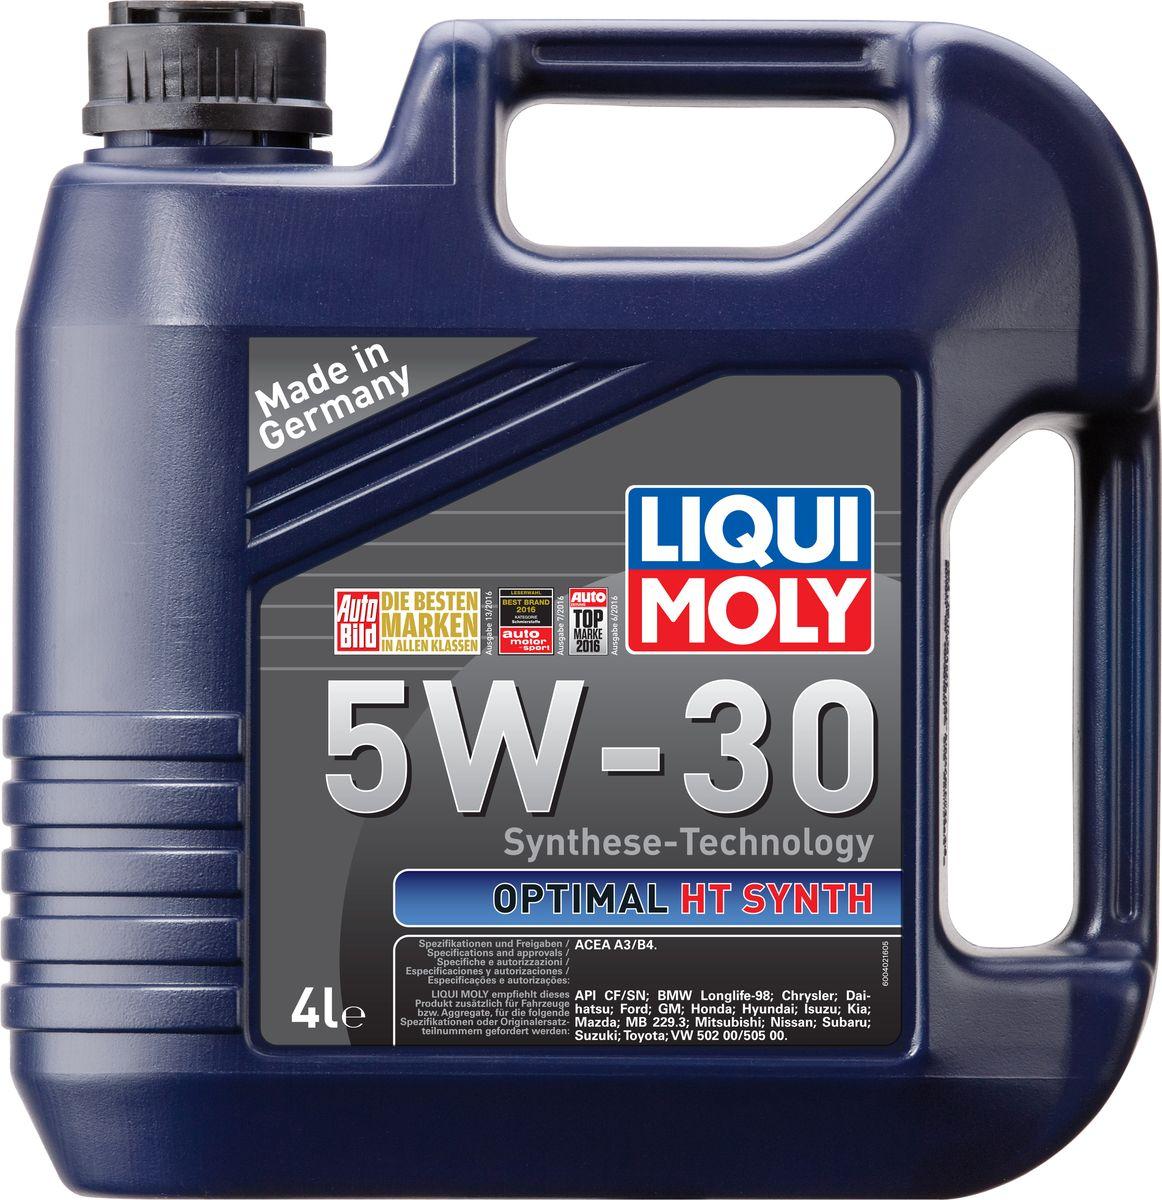 Масло моторное Liqui Moly Optimal HT Synth, НС-синтетическое, 5W-30, 4 л39001Масло моторное Liqui Moly Optimal HT Synth - универсальное моторное масло на базе гидрокрекинговой технологии синтеза (HC-синтеза). Удовлетворяет современным требованиям международных стандартов API и ACEA. Оптимально для современных моделей ВАЗ и иномарок с аналогичными требованиями. Отлично подходит двигателей с турбонаддувом и катализаторами. Масло обладает популярнейшим классом вязкости для современных автомобилей. Это современное моторное мало с хорошими антифрикционными свойствами высшего класса для всесезонного применения. Комбинация необычных базовых масел на основе гидрокрекинга и самой современной технологии присадок гарантирует получение моторного масла, которое снижает расход масла и топлива и заботится о быстрейшей смазке двигателя. Особенности: - легкий ход мотора, - высокая устойчивость смазки, - высокая стабильность, - превосходная устойчивость к старению, - быстрое снабжение маслом при низких...